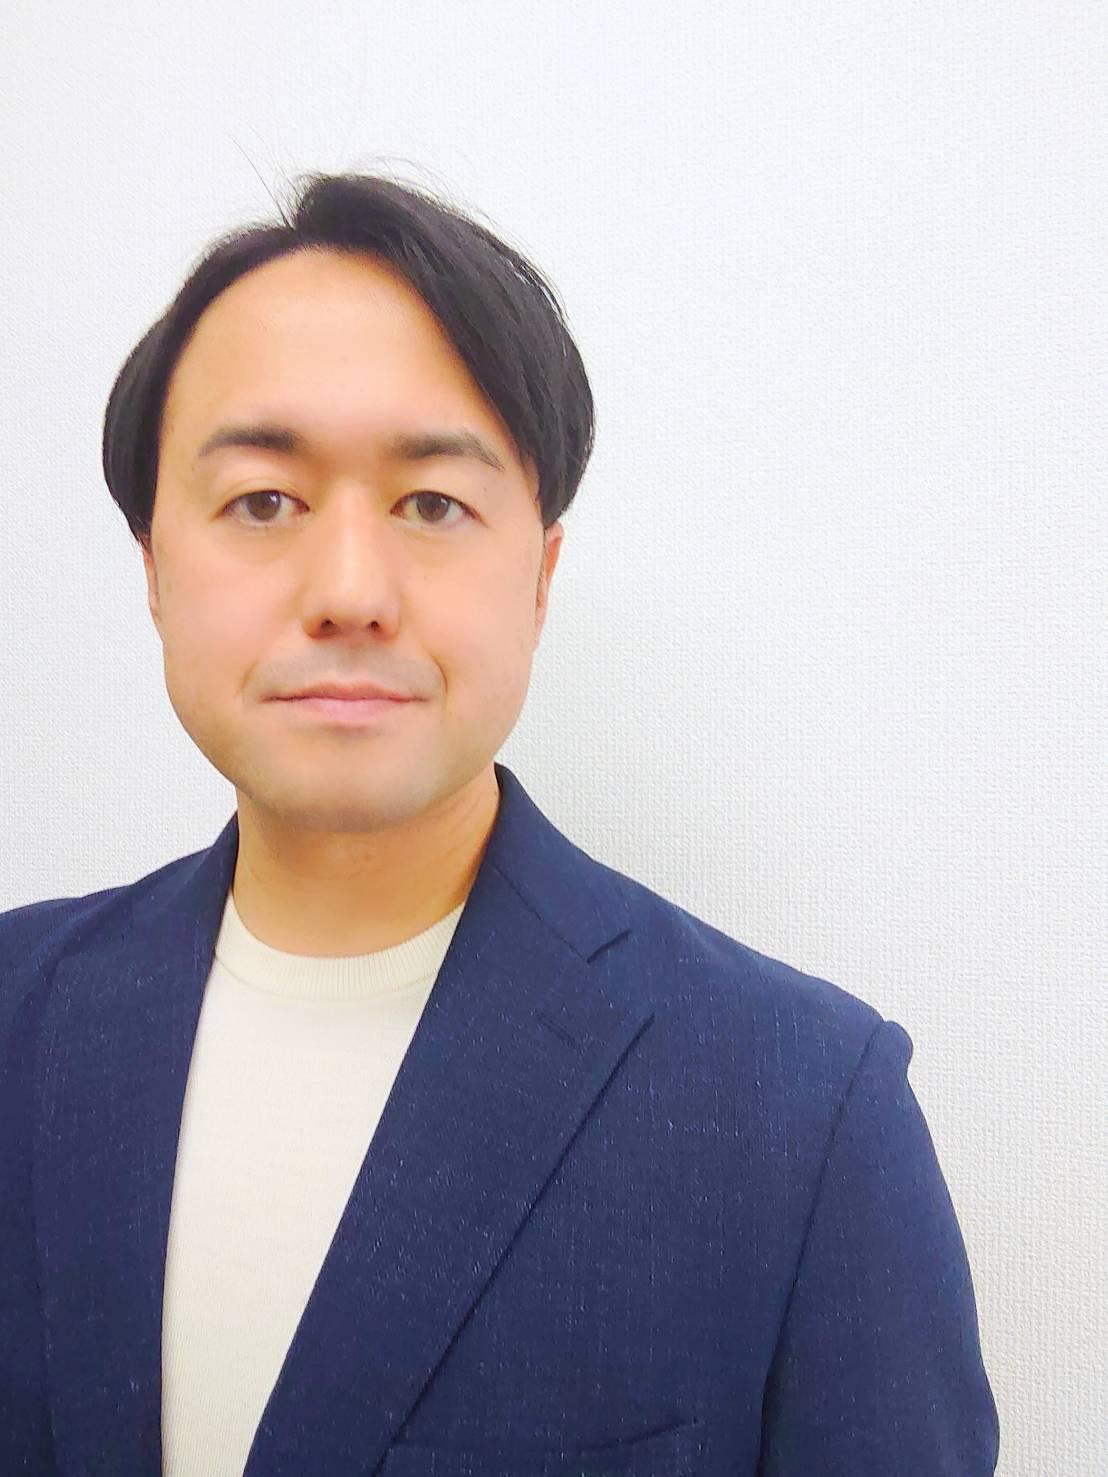 多田健太郎